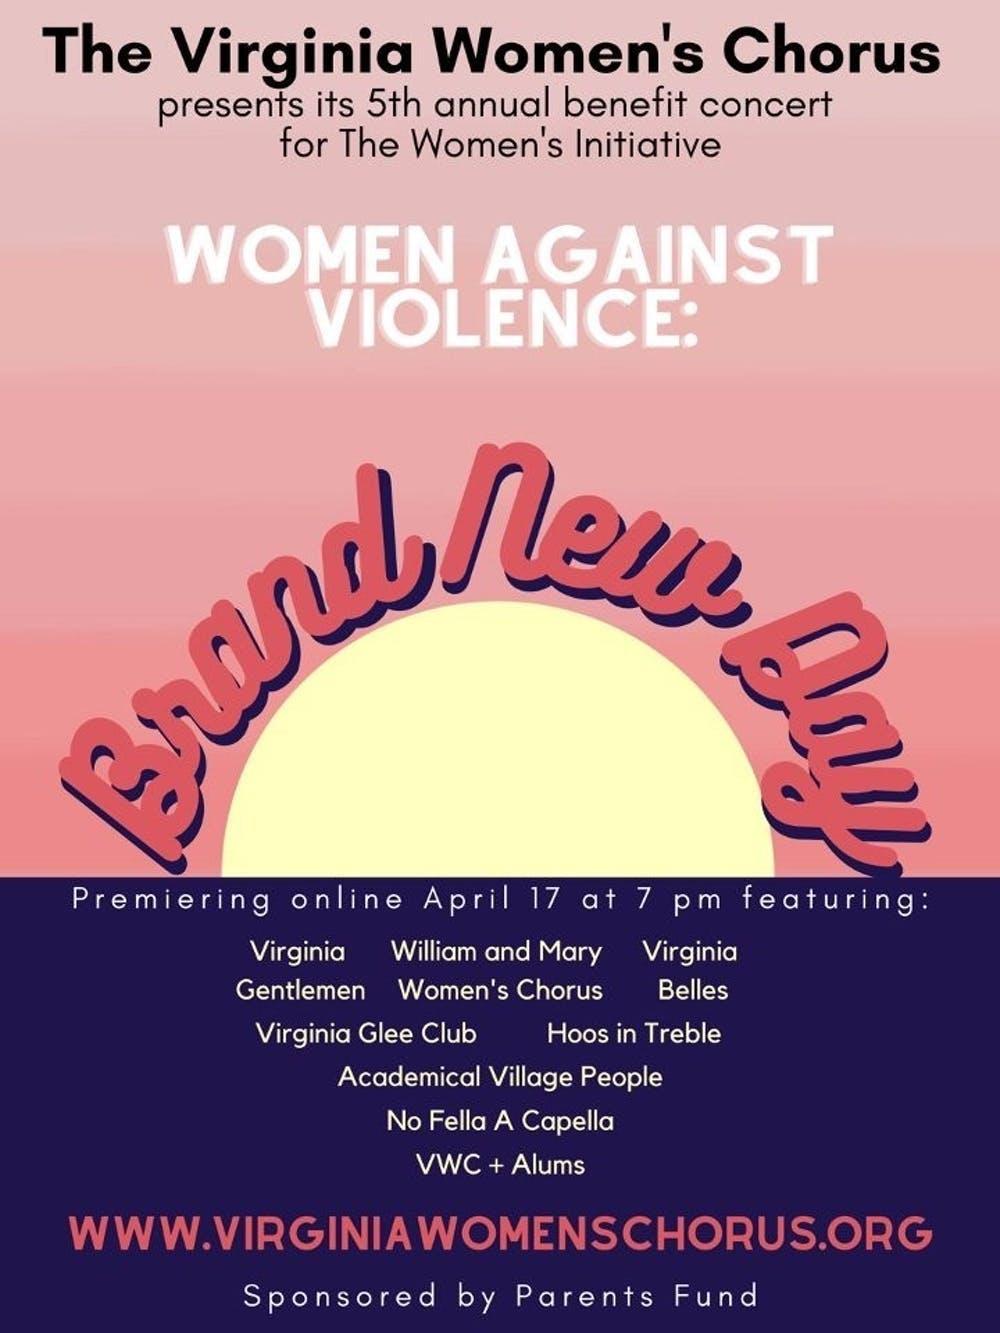 Los espectadores del concierto benéfico Brand New Day se unieron al Coro de Mujeres de Virginia para crear conciencia sobre el abuso sexual a través de música inspiradora, donaciones a la Iniciativa de Mujeres y más.